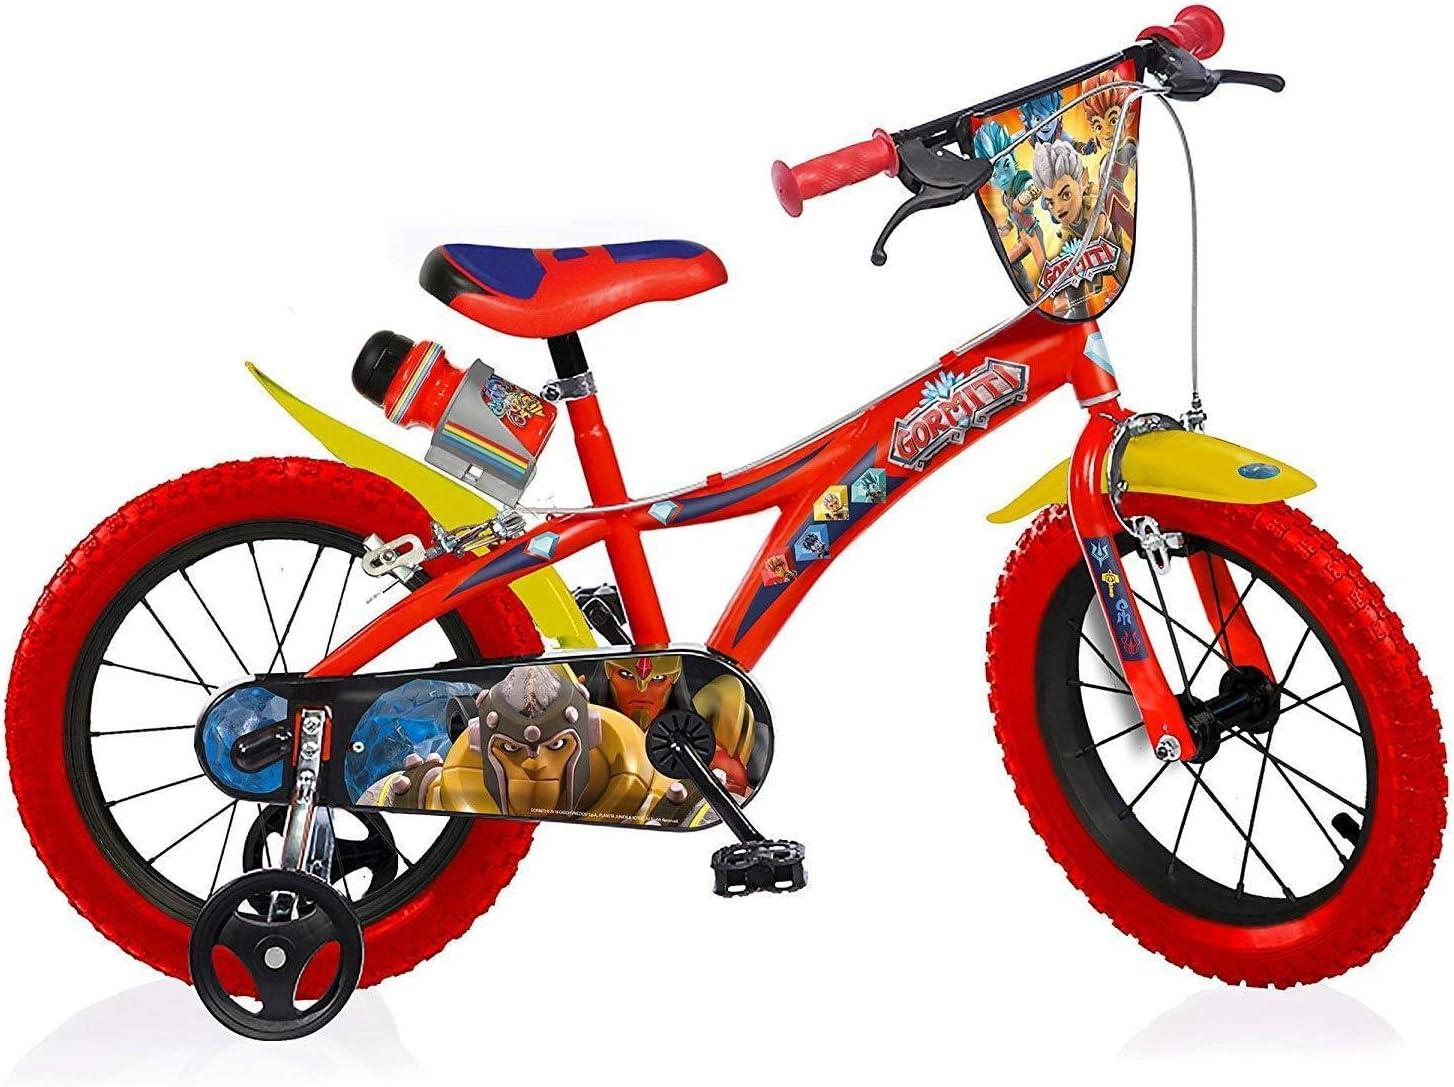 Gormiti Bicicleta Infantil Niño Chico 14 Pulgadas Freno Delantero ...